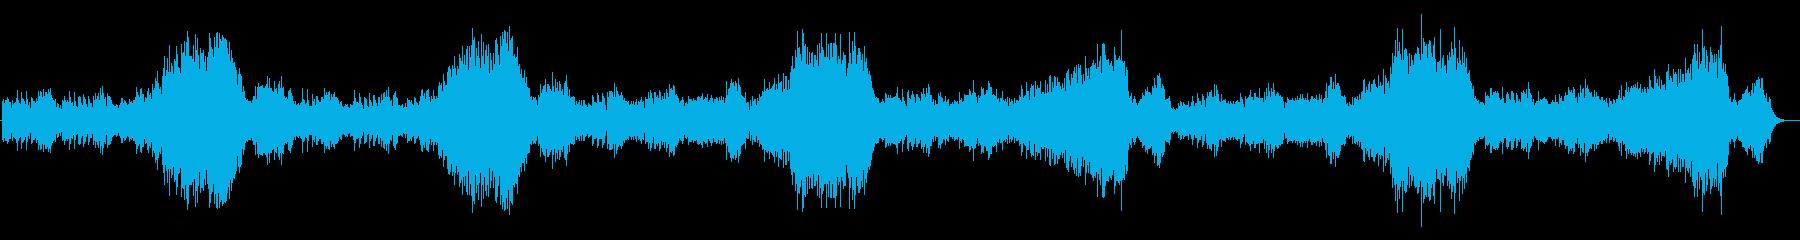 中世のカジノやバーに合いそうなピアノ曲の再生済みの波形